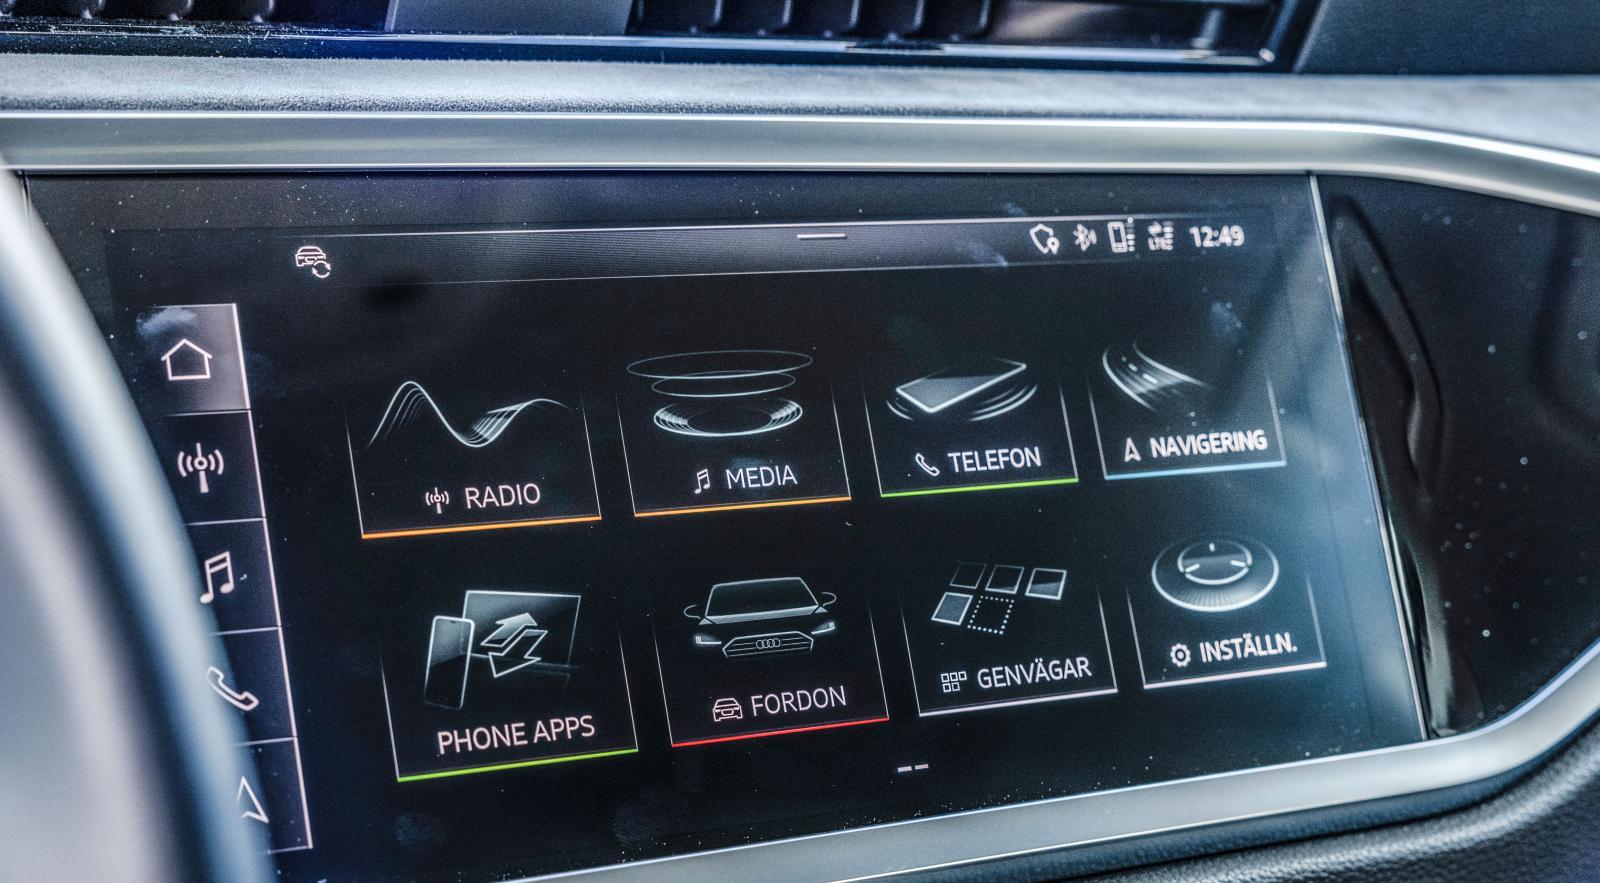 En för Audiföraren bekant syn, samtliga versioner av A, RS, S och Q-modeller använder nu samma gränssnitt. Responsiv skärm med tydliga ikoner.